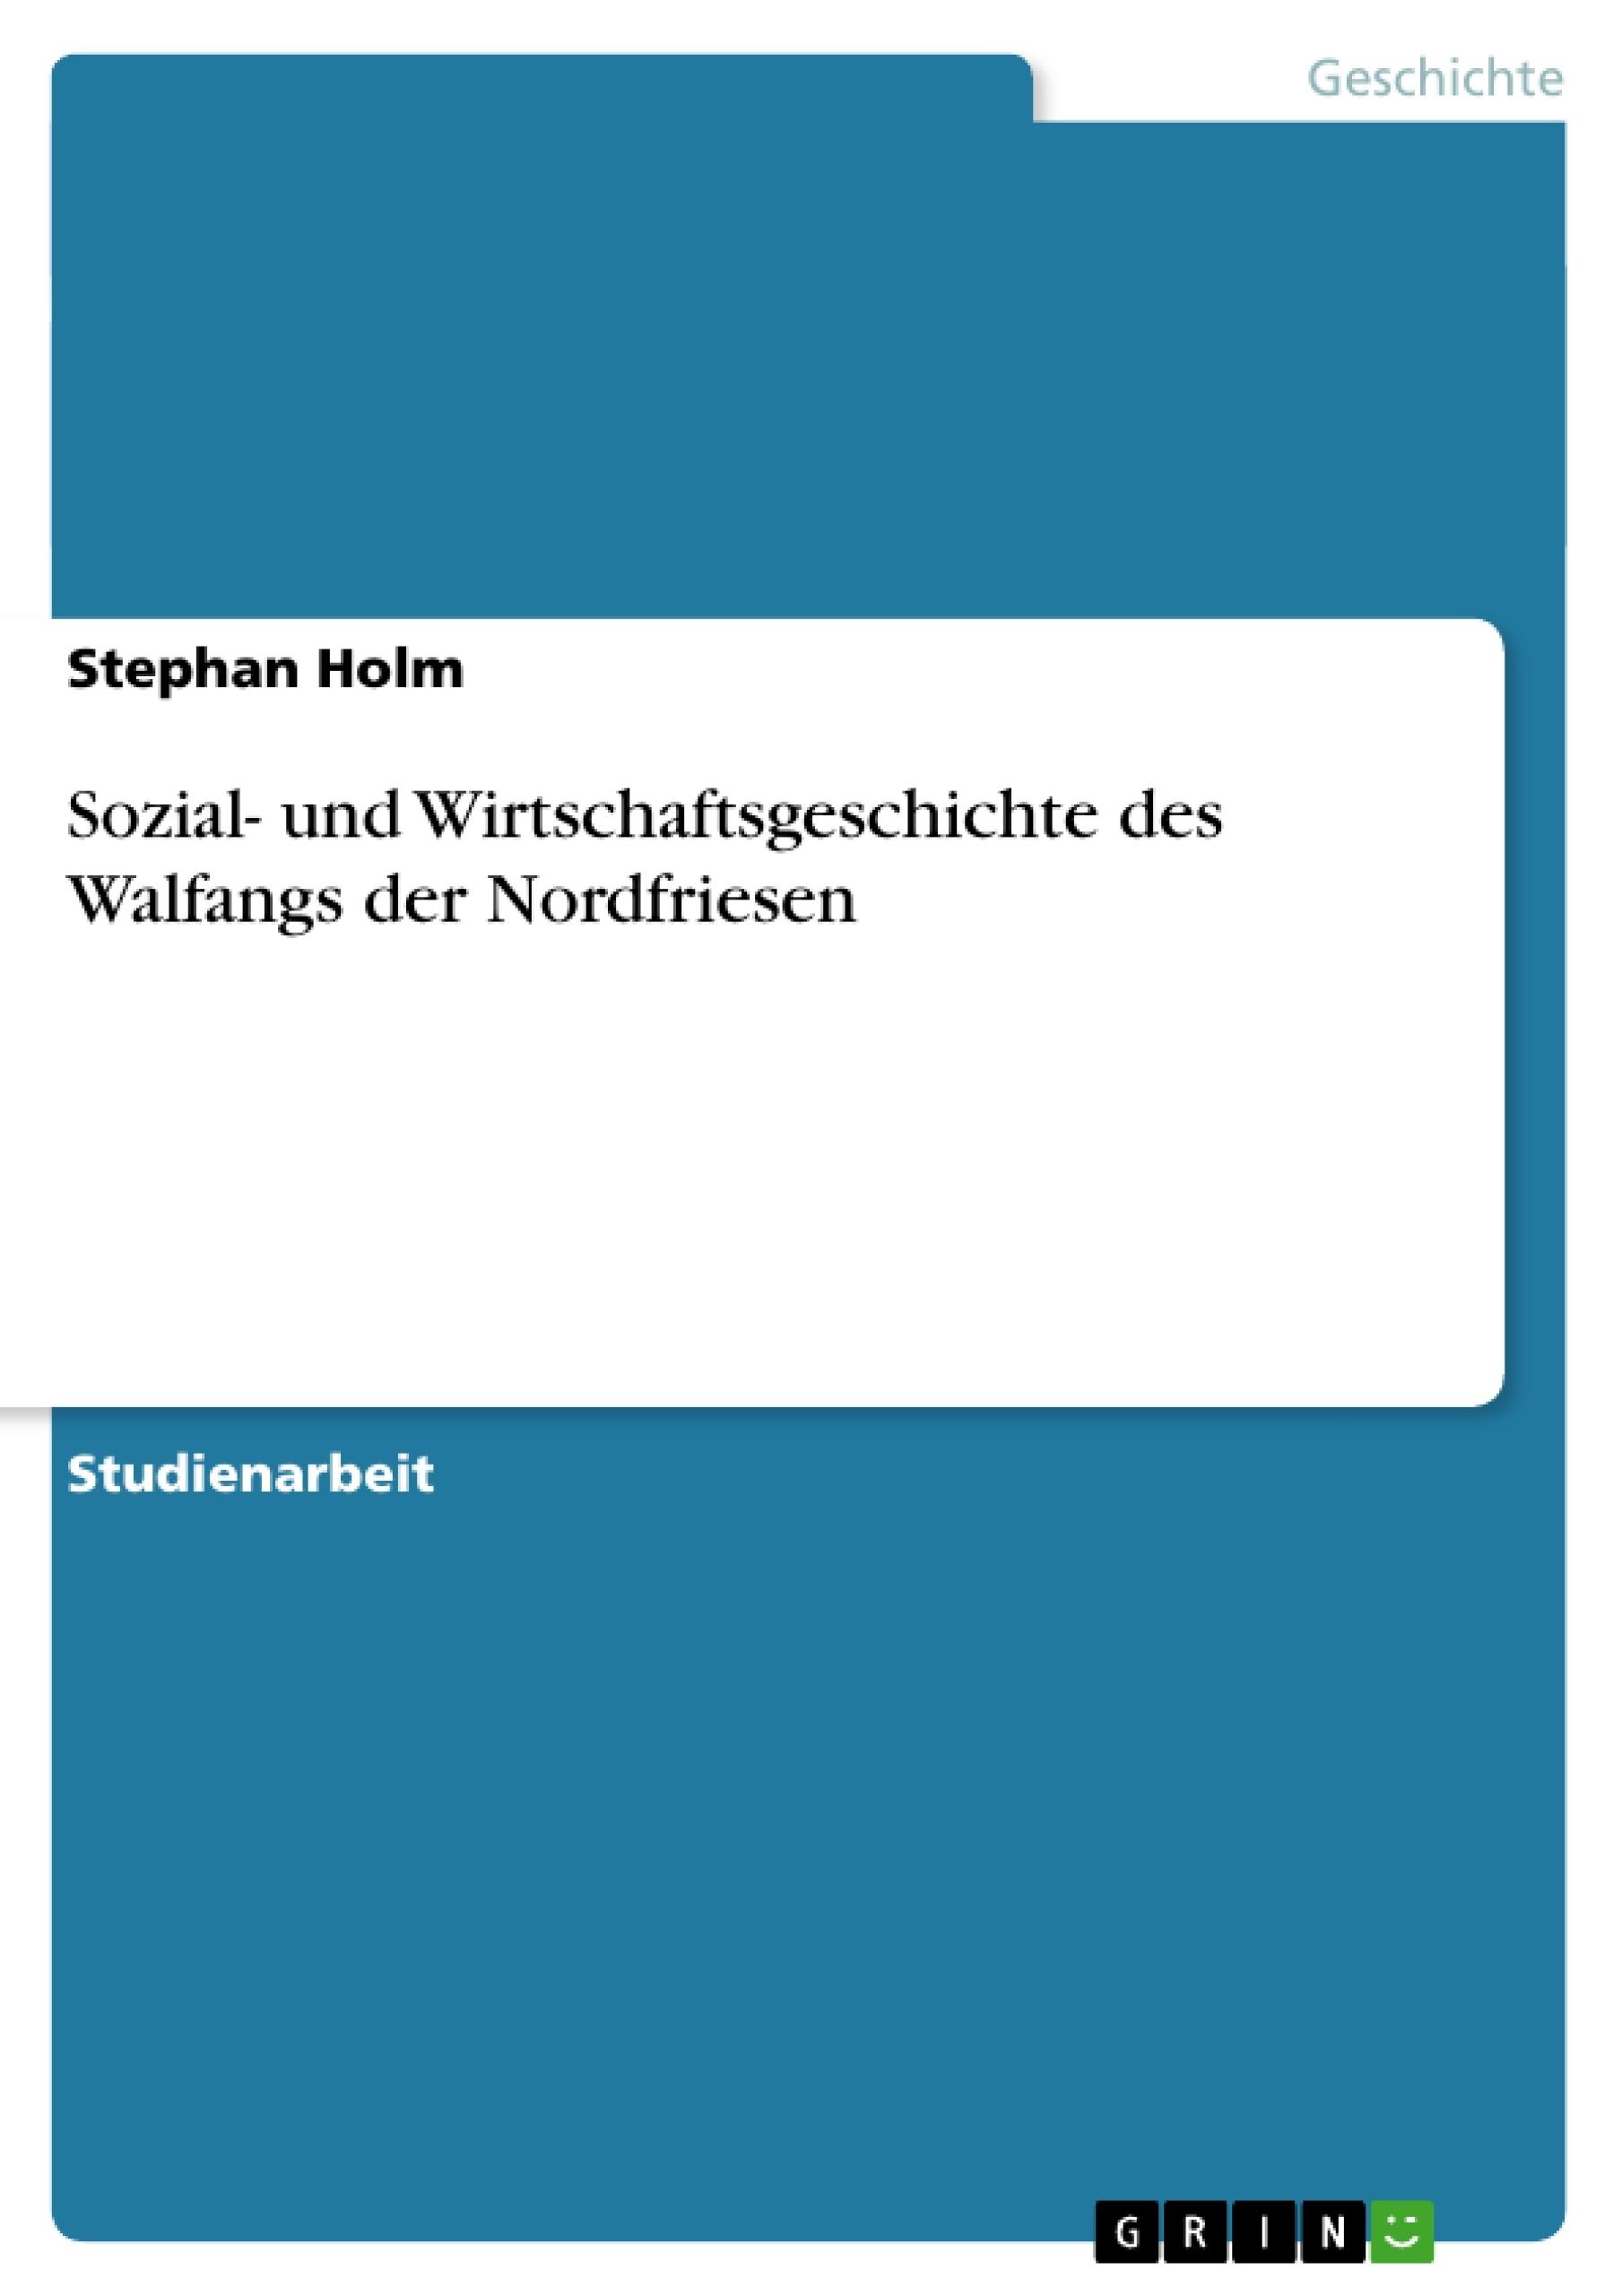 Titel: Sozial- und Wirtschaftsgeschichte des Walfangs der Nordfriesen